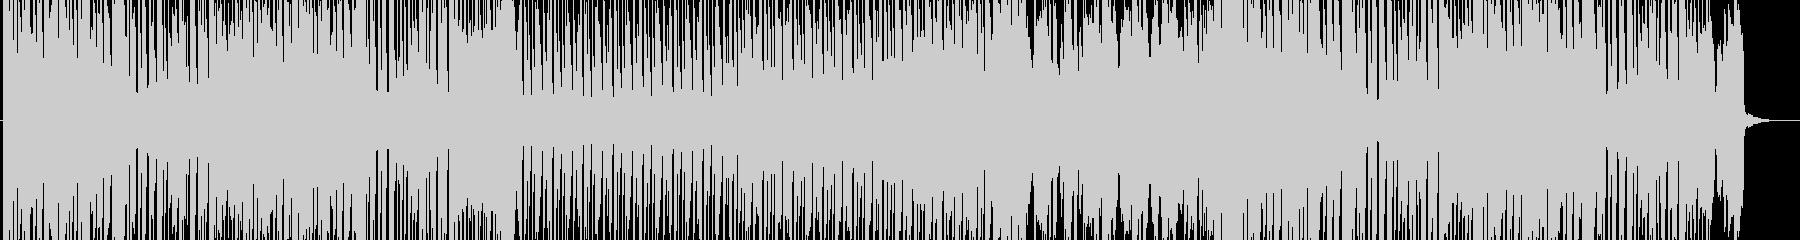 アップテンポでポップなBGMの未再生の波形